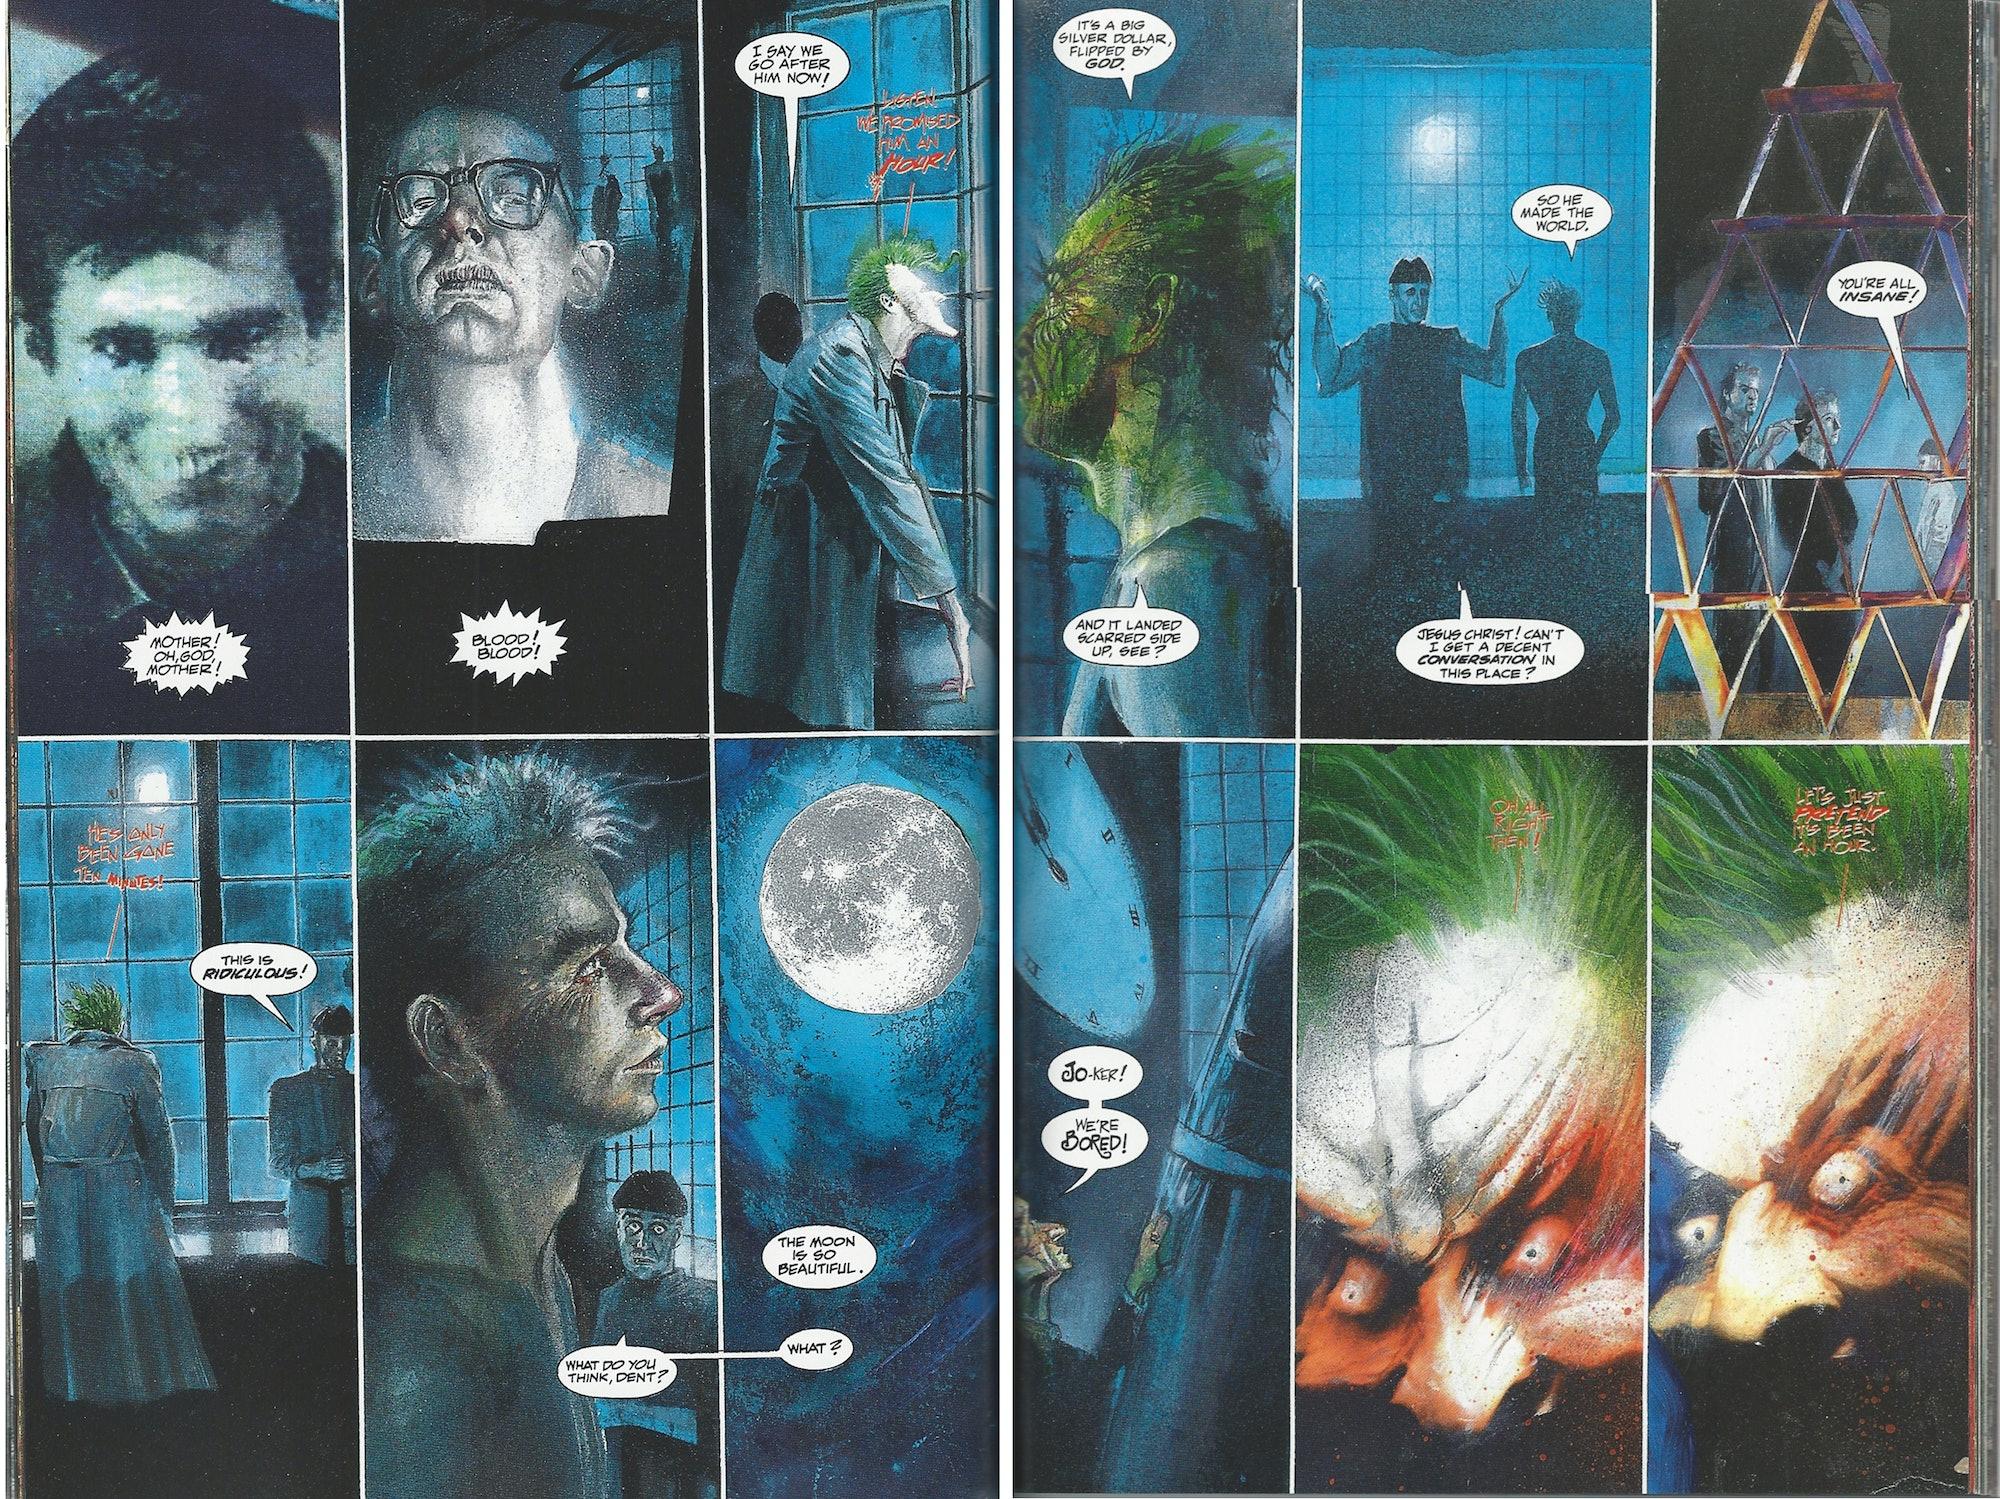 The Joker contemplates insanity in Grant Morrison's 'Arkham Asylum'